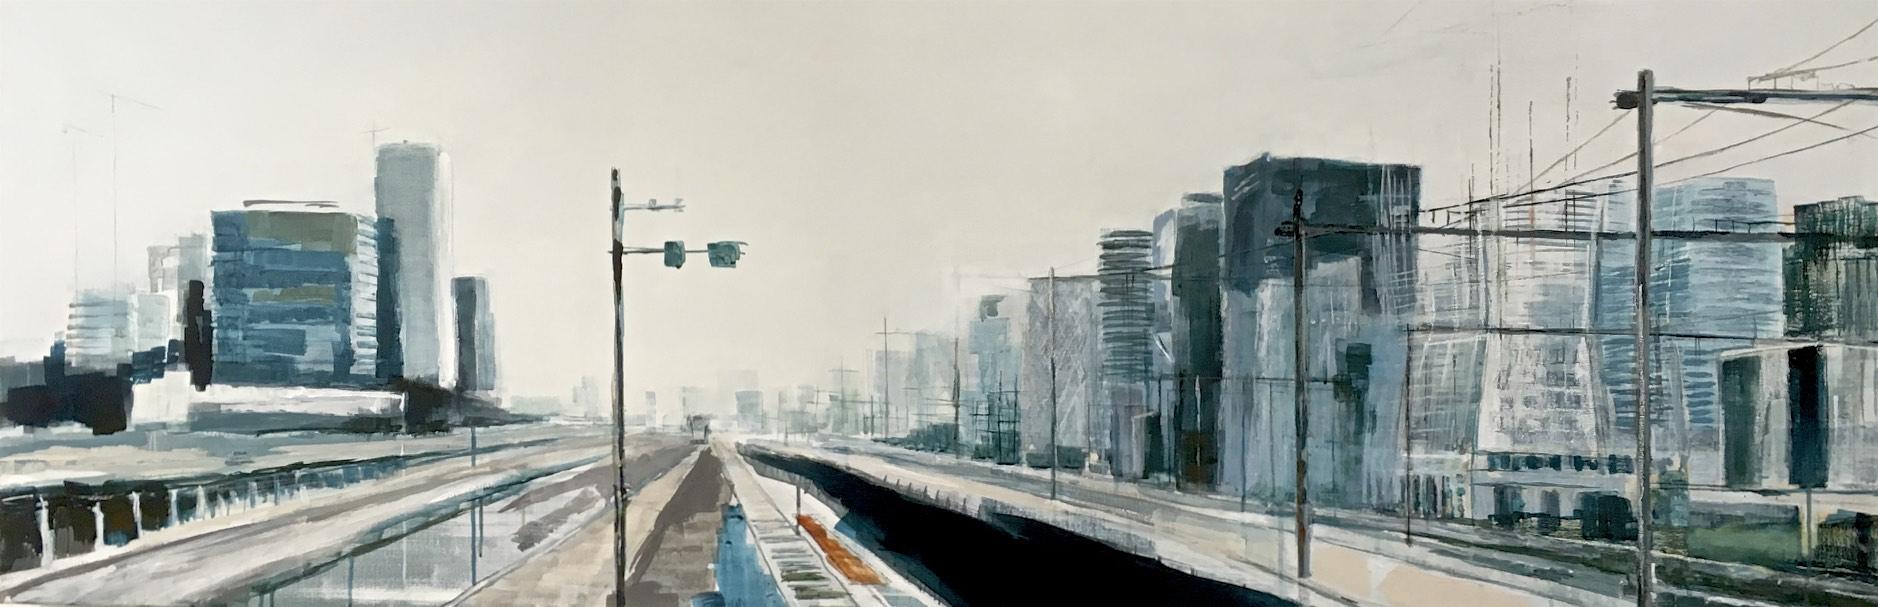 Station Zuid/WTC, acryl op doek I 60 x 180 cm I